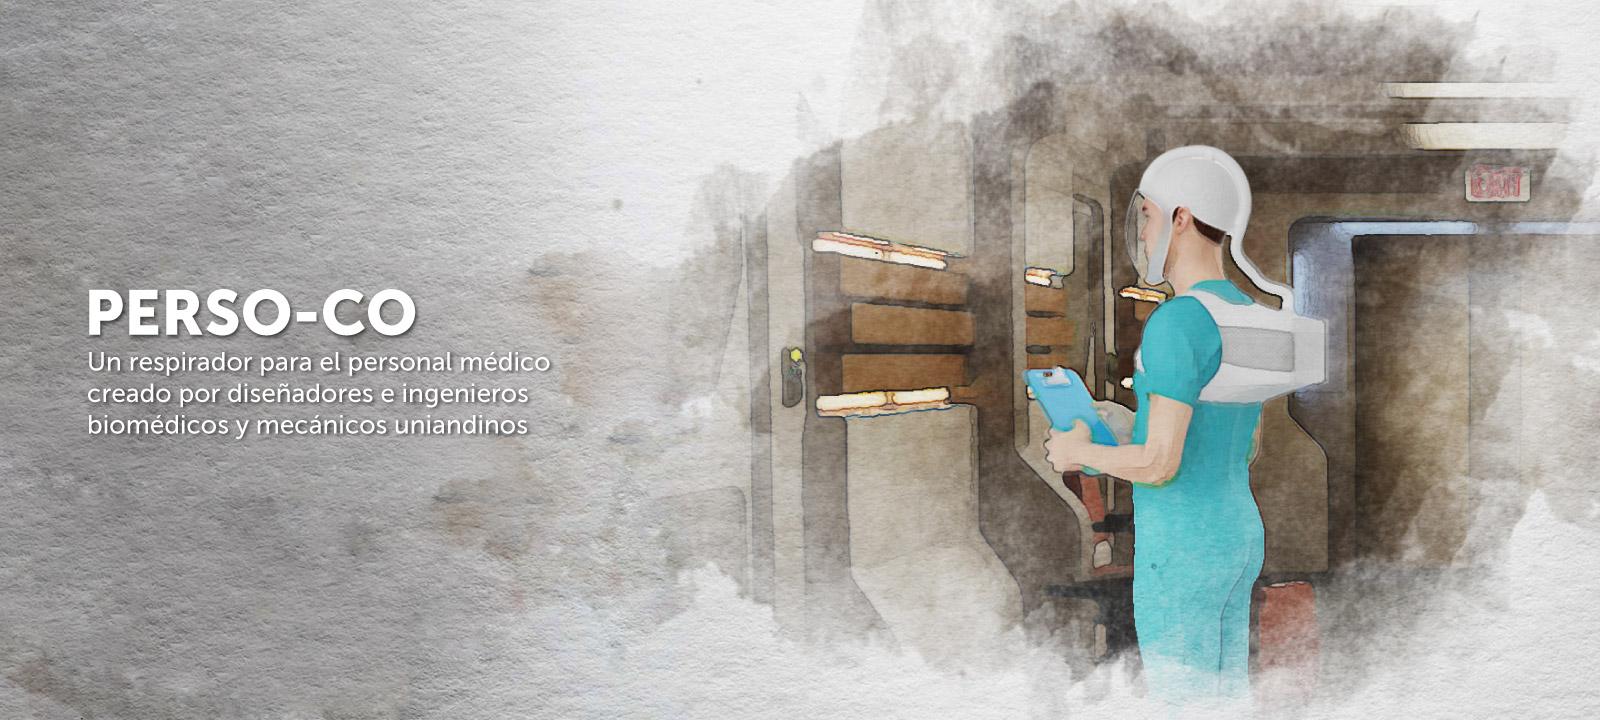 PersoCo - un respirador cómodo y eficaz para personal médico